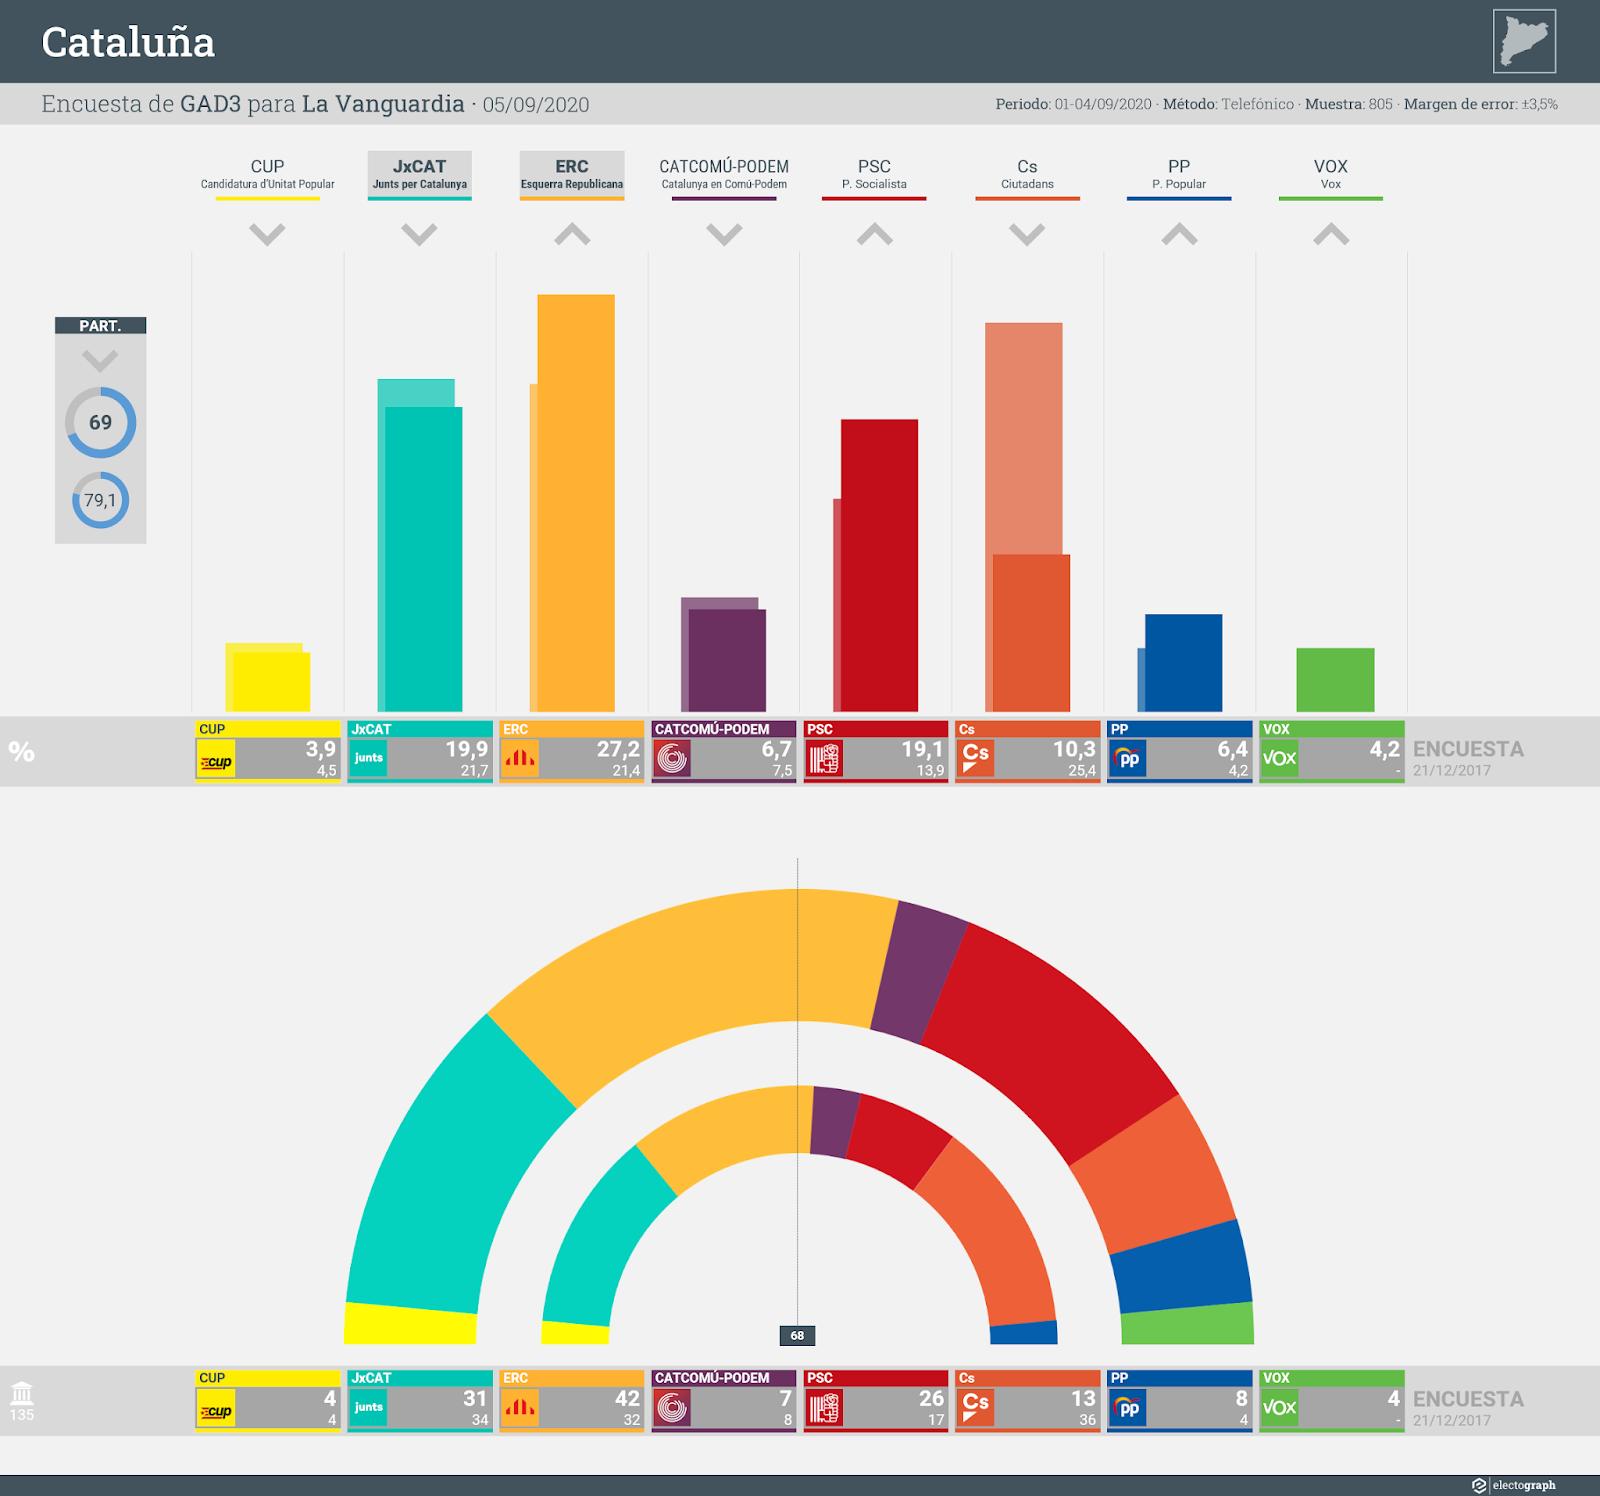 Gráfico de la encuesta para elecciones generales en Cataluña realizada por GAD3 para La Vanguardia, 5 de septiembre de 2020